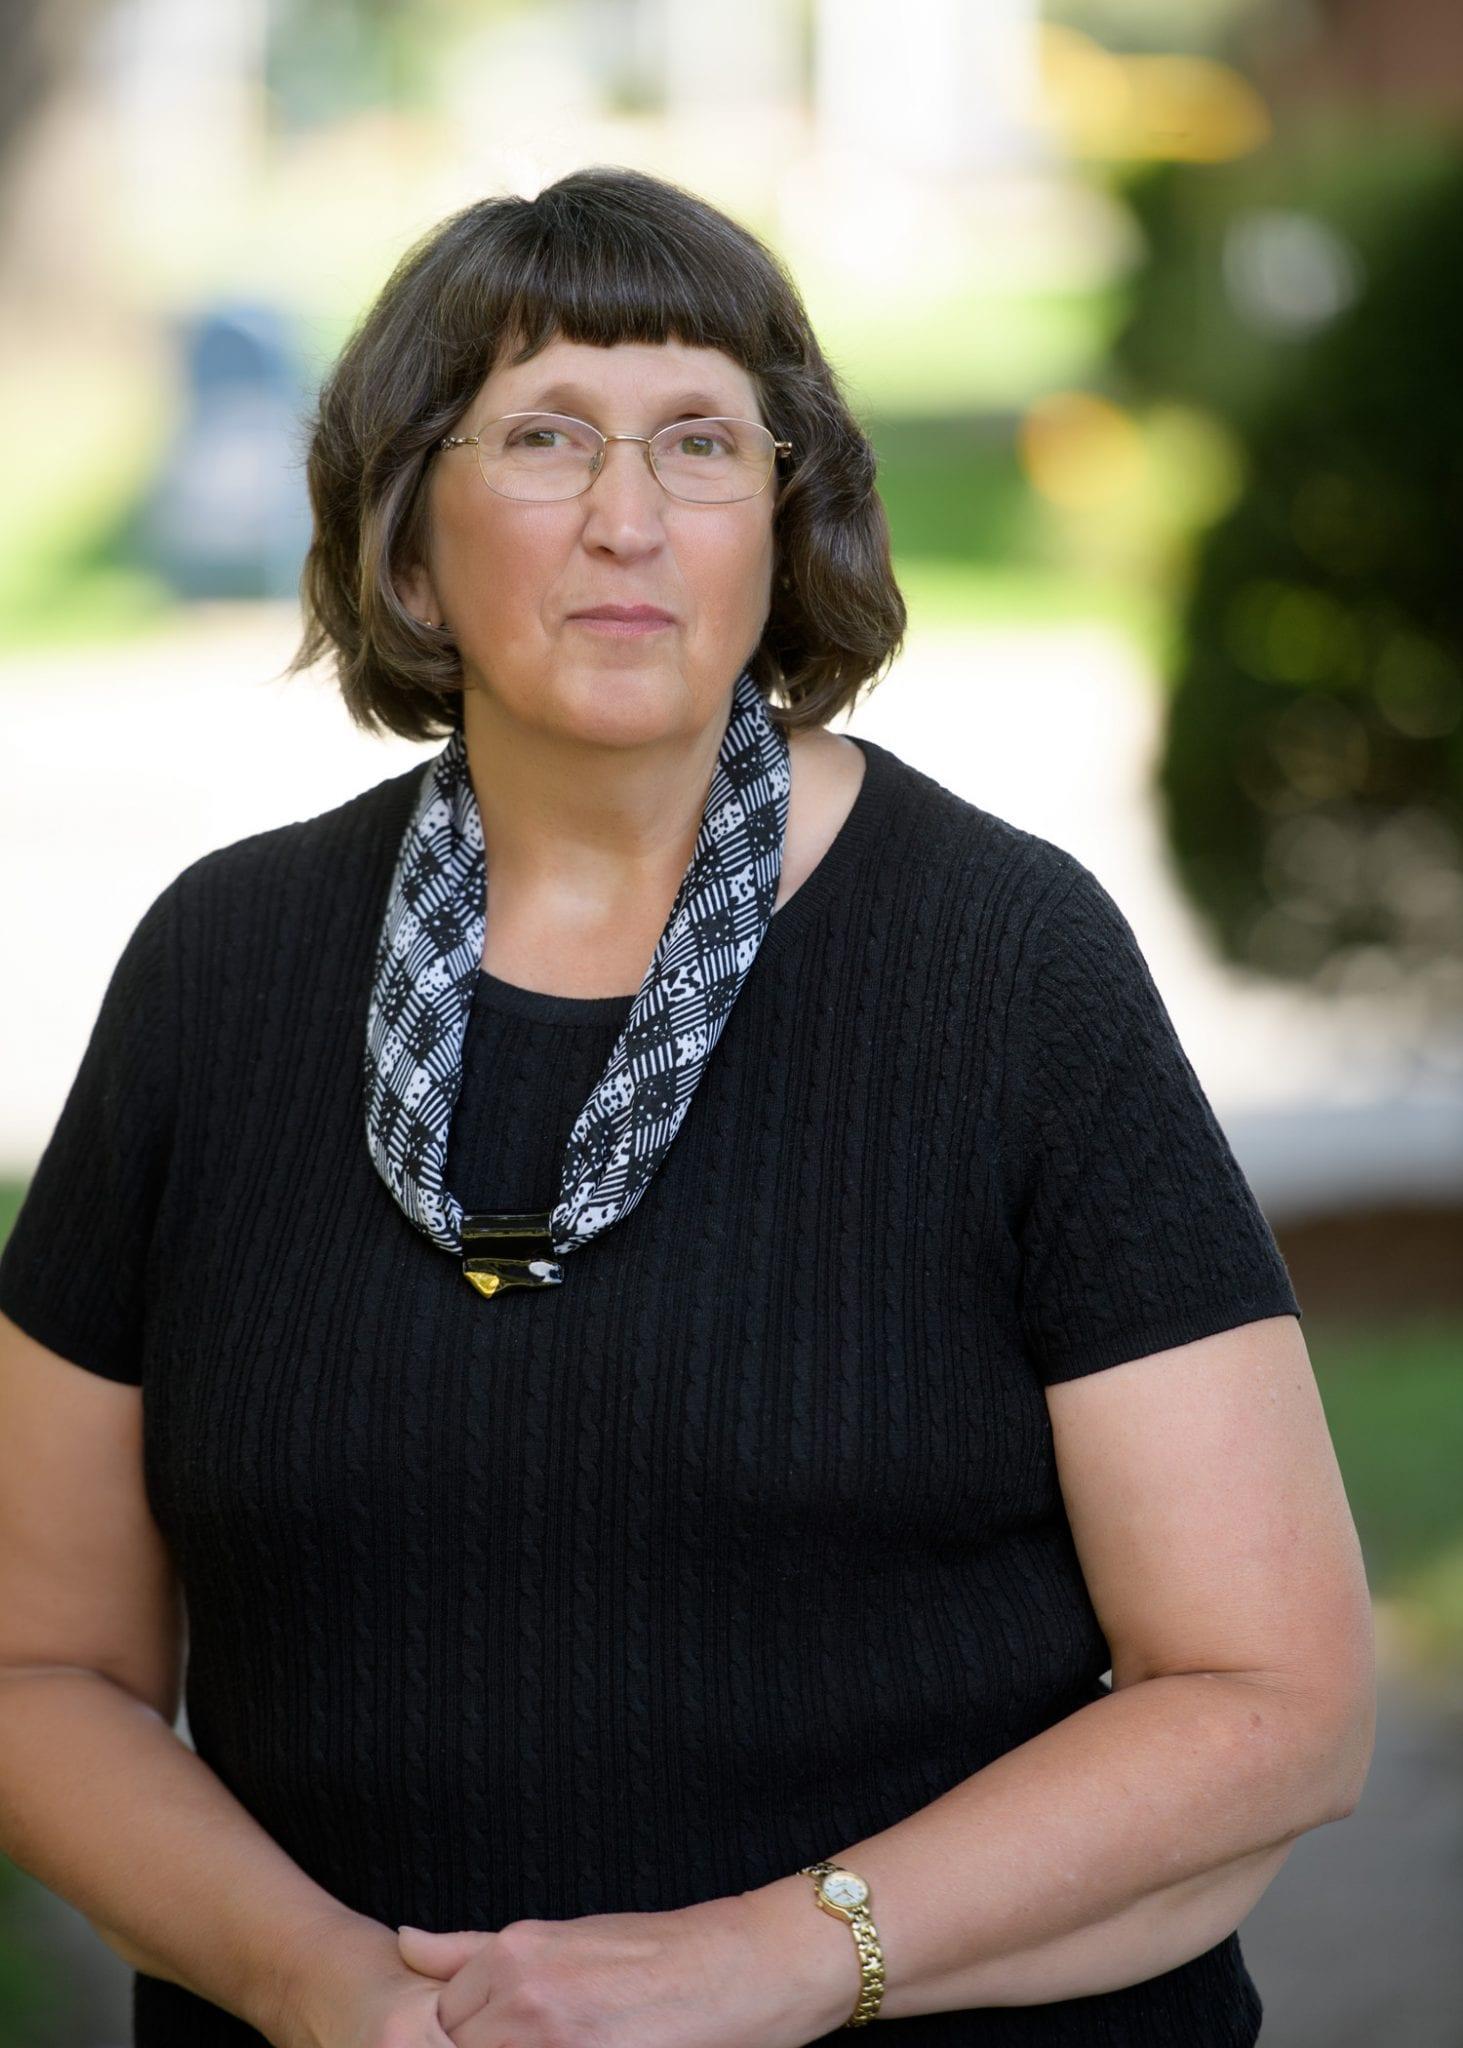 Elaine M Cortis